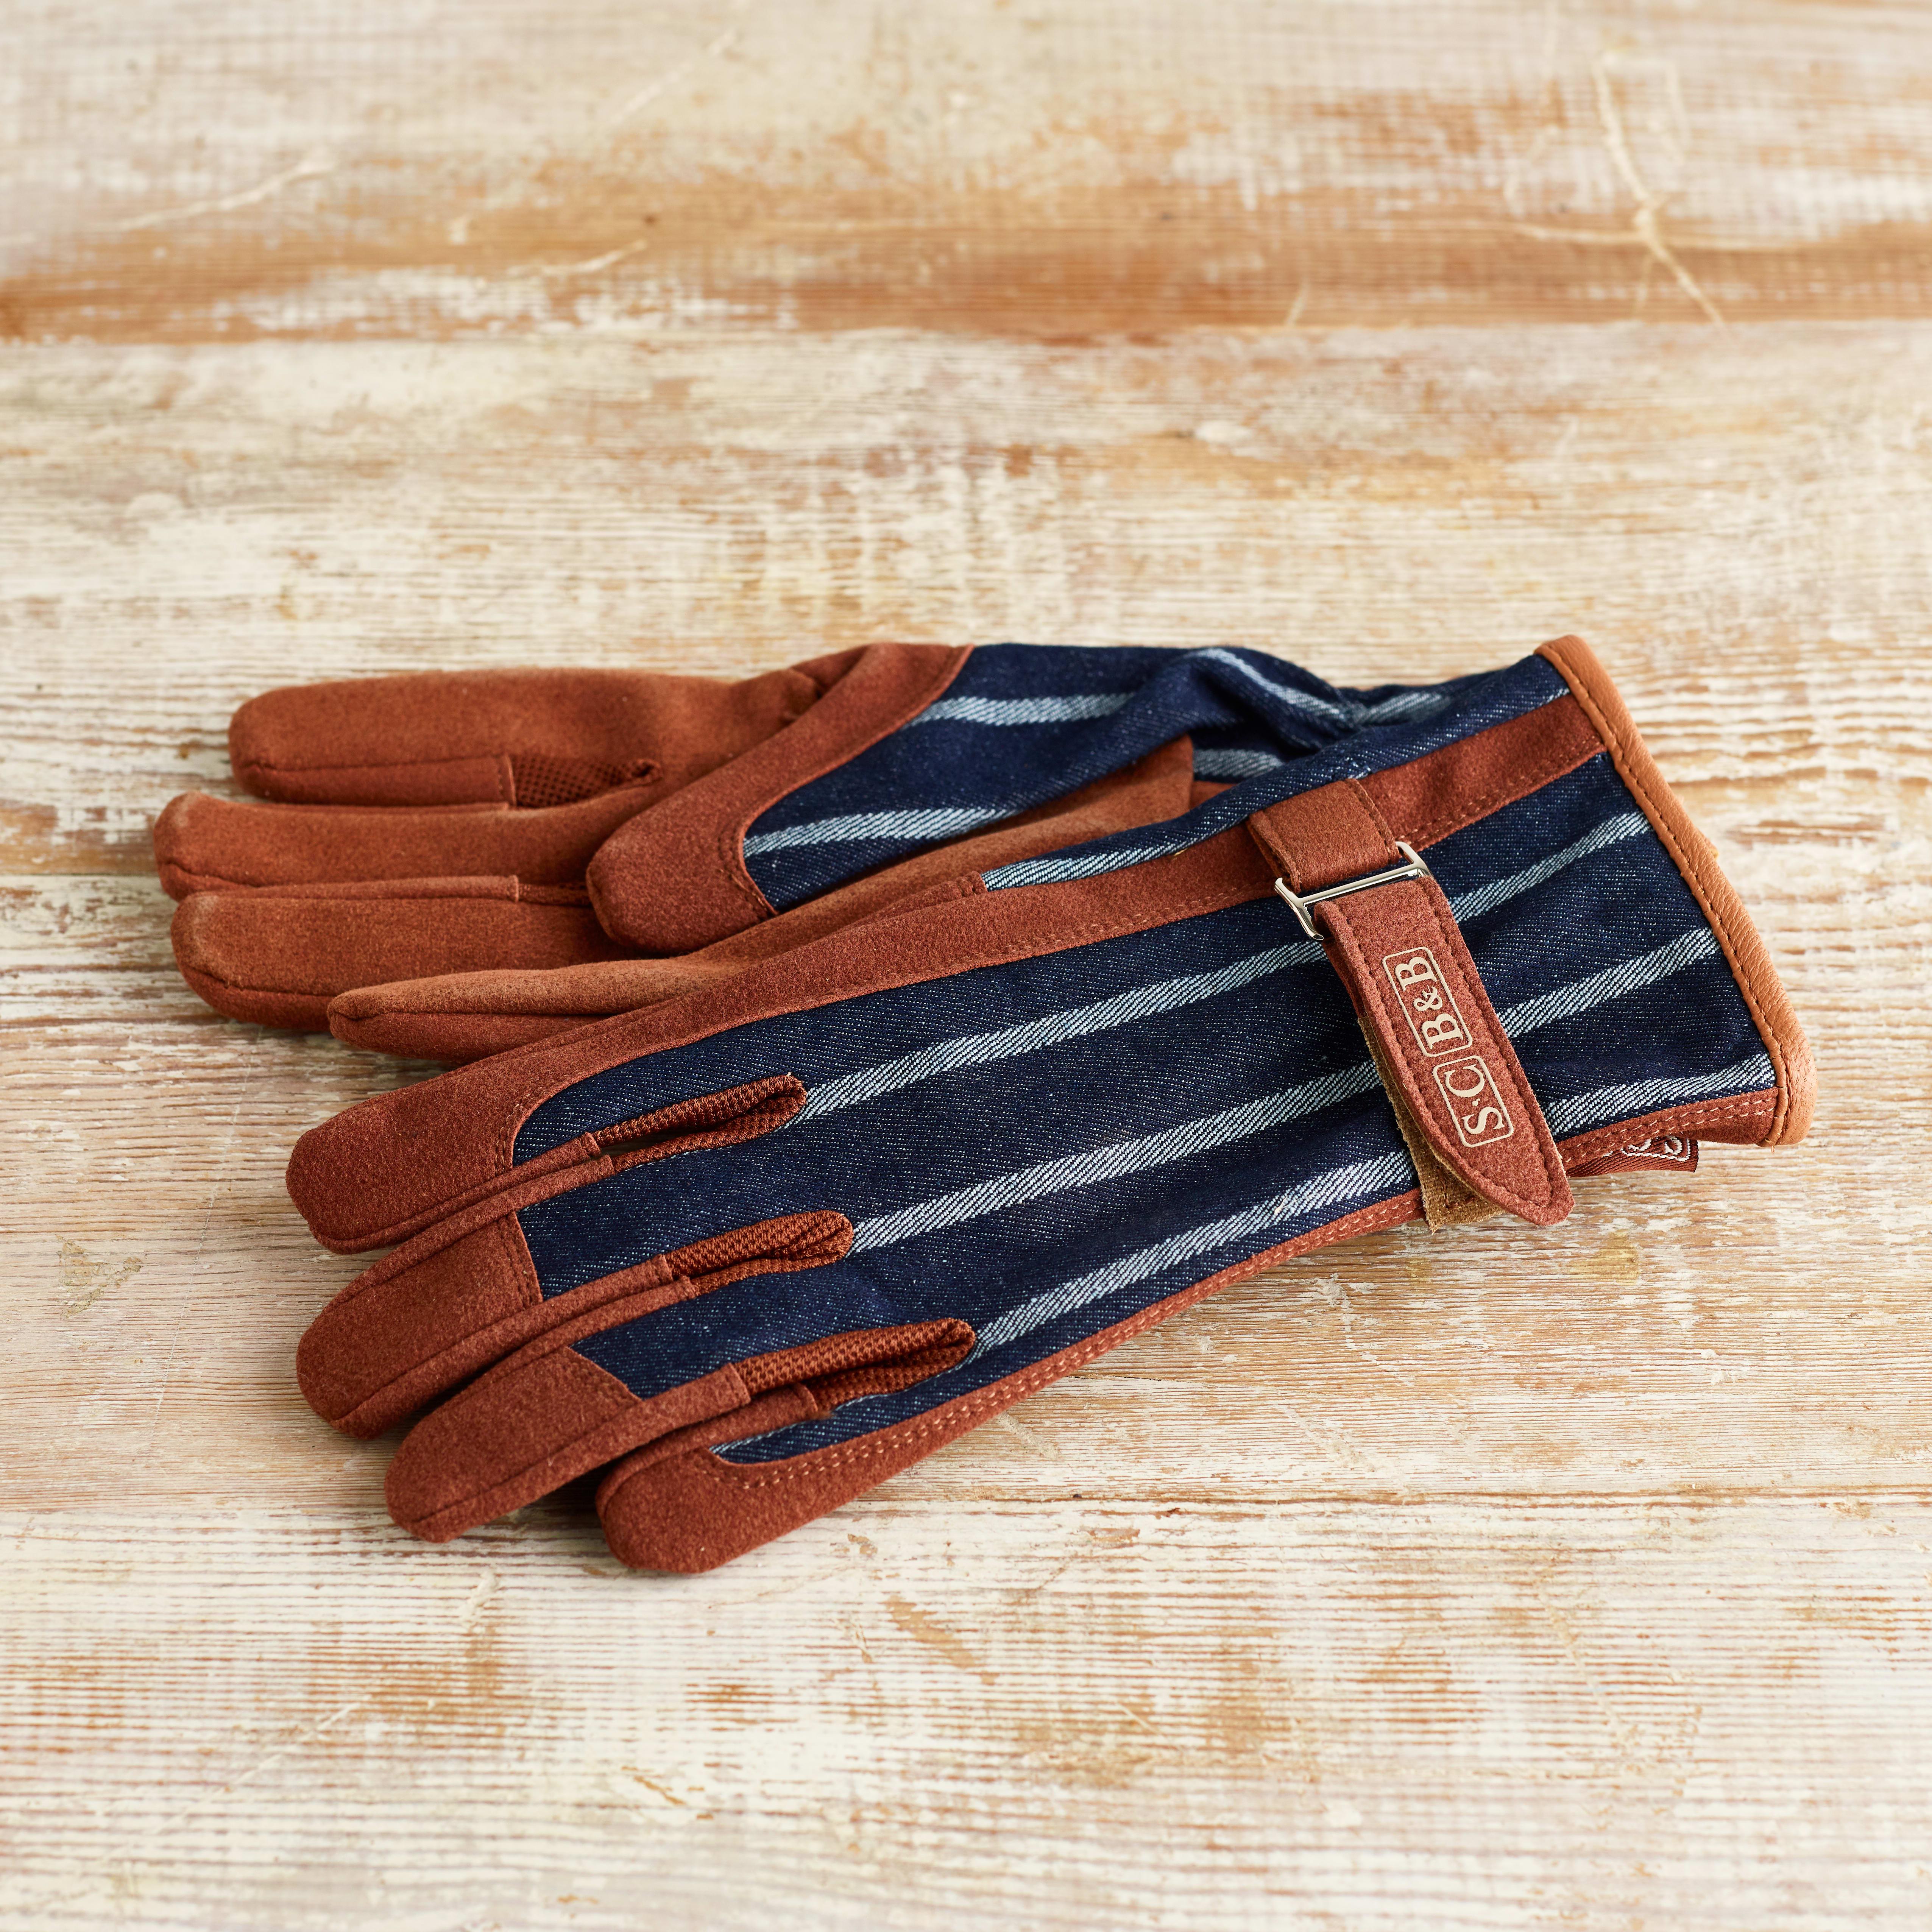 Sophie Conran Striped Gardening Gloves